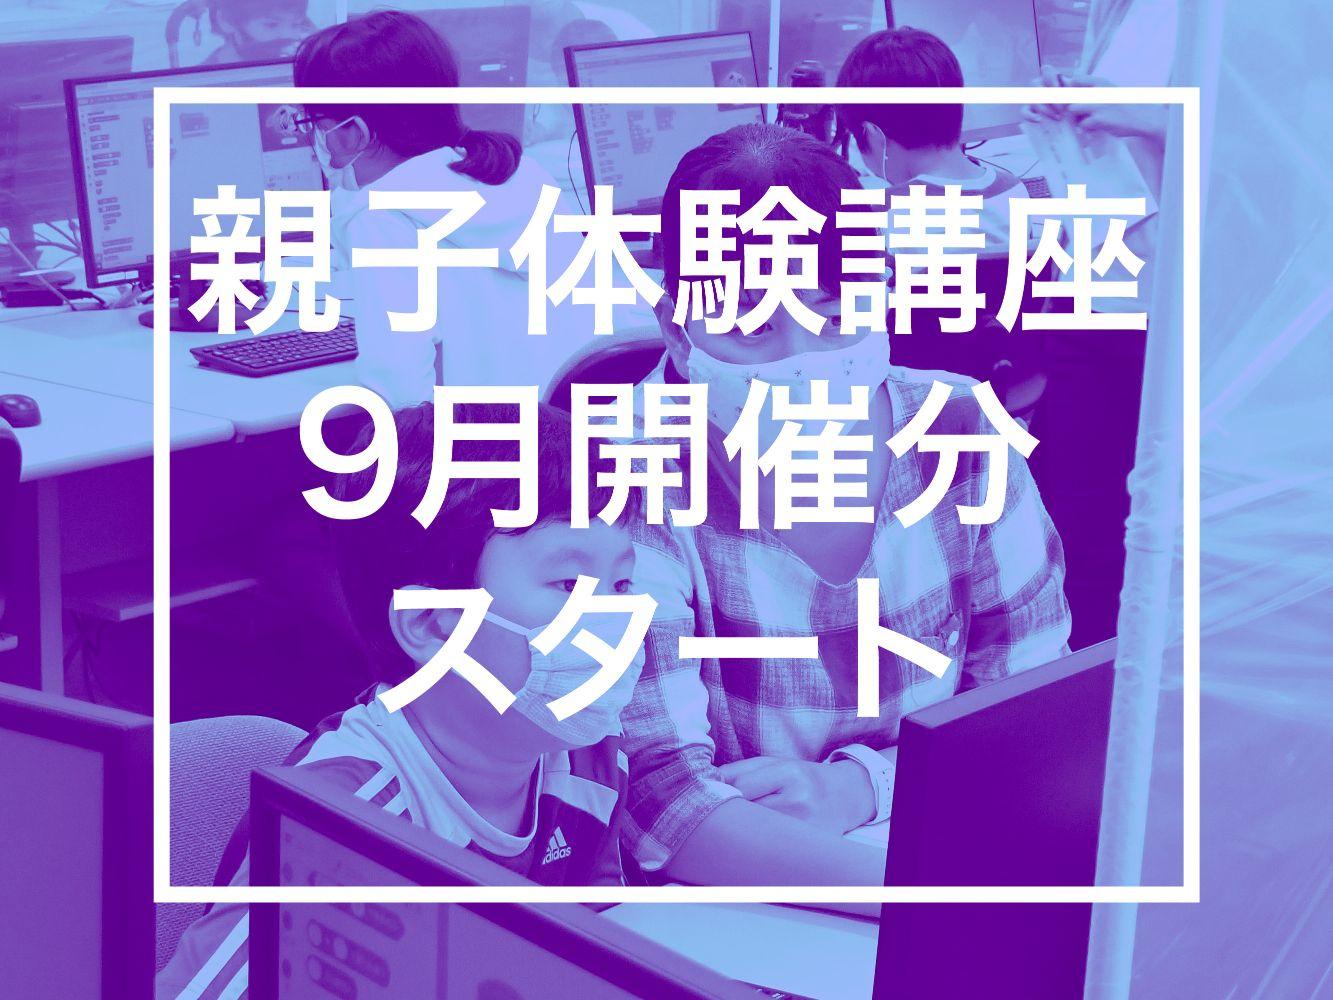 沖縄女子短期大学_新垣さき_産学連携推進センター_プログラミング_大森洋介_比嘉勇太_未来のIT人材創造事業